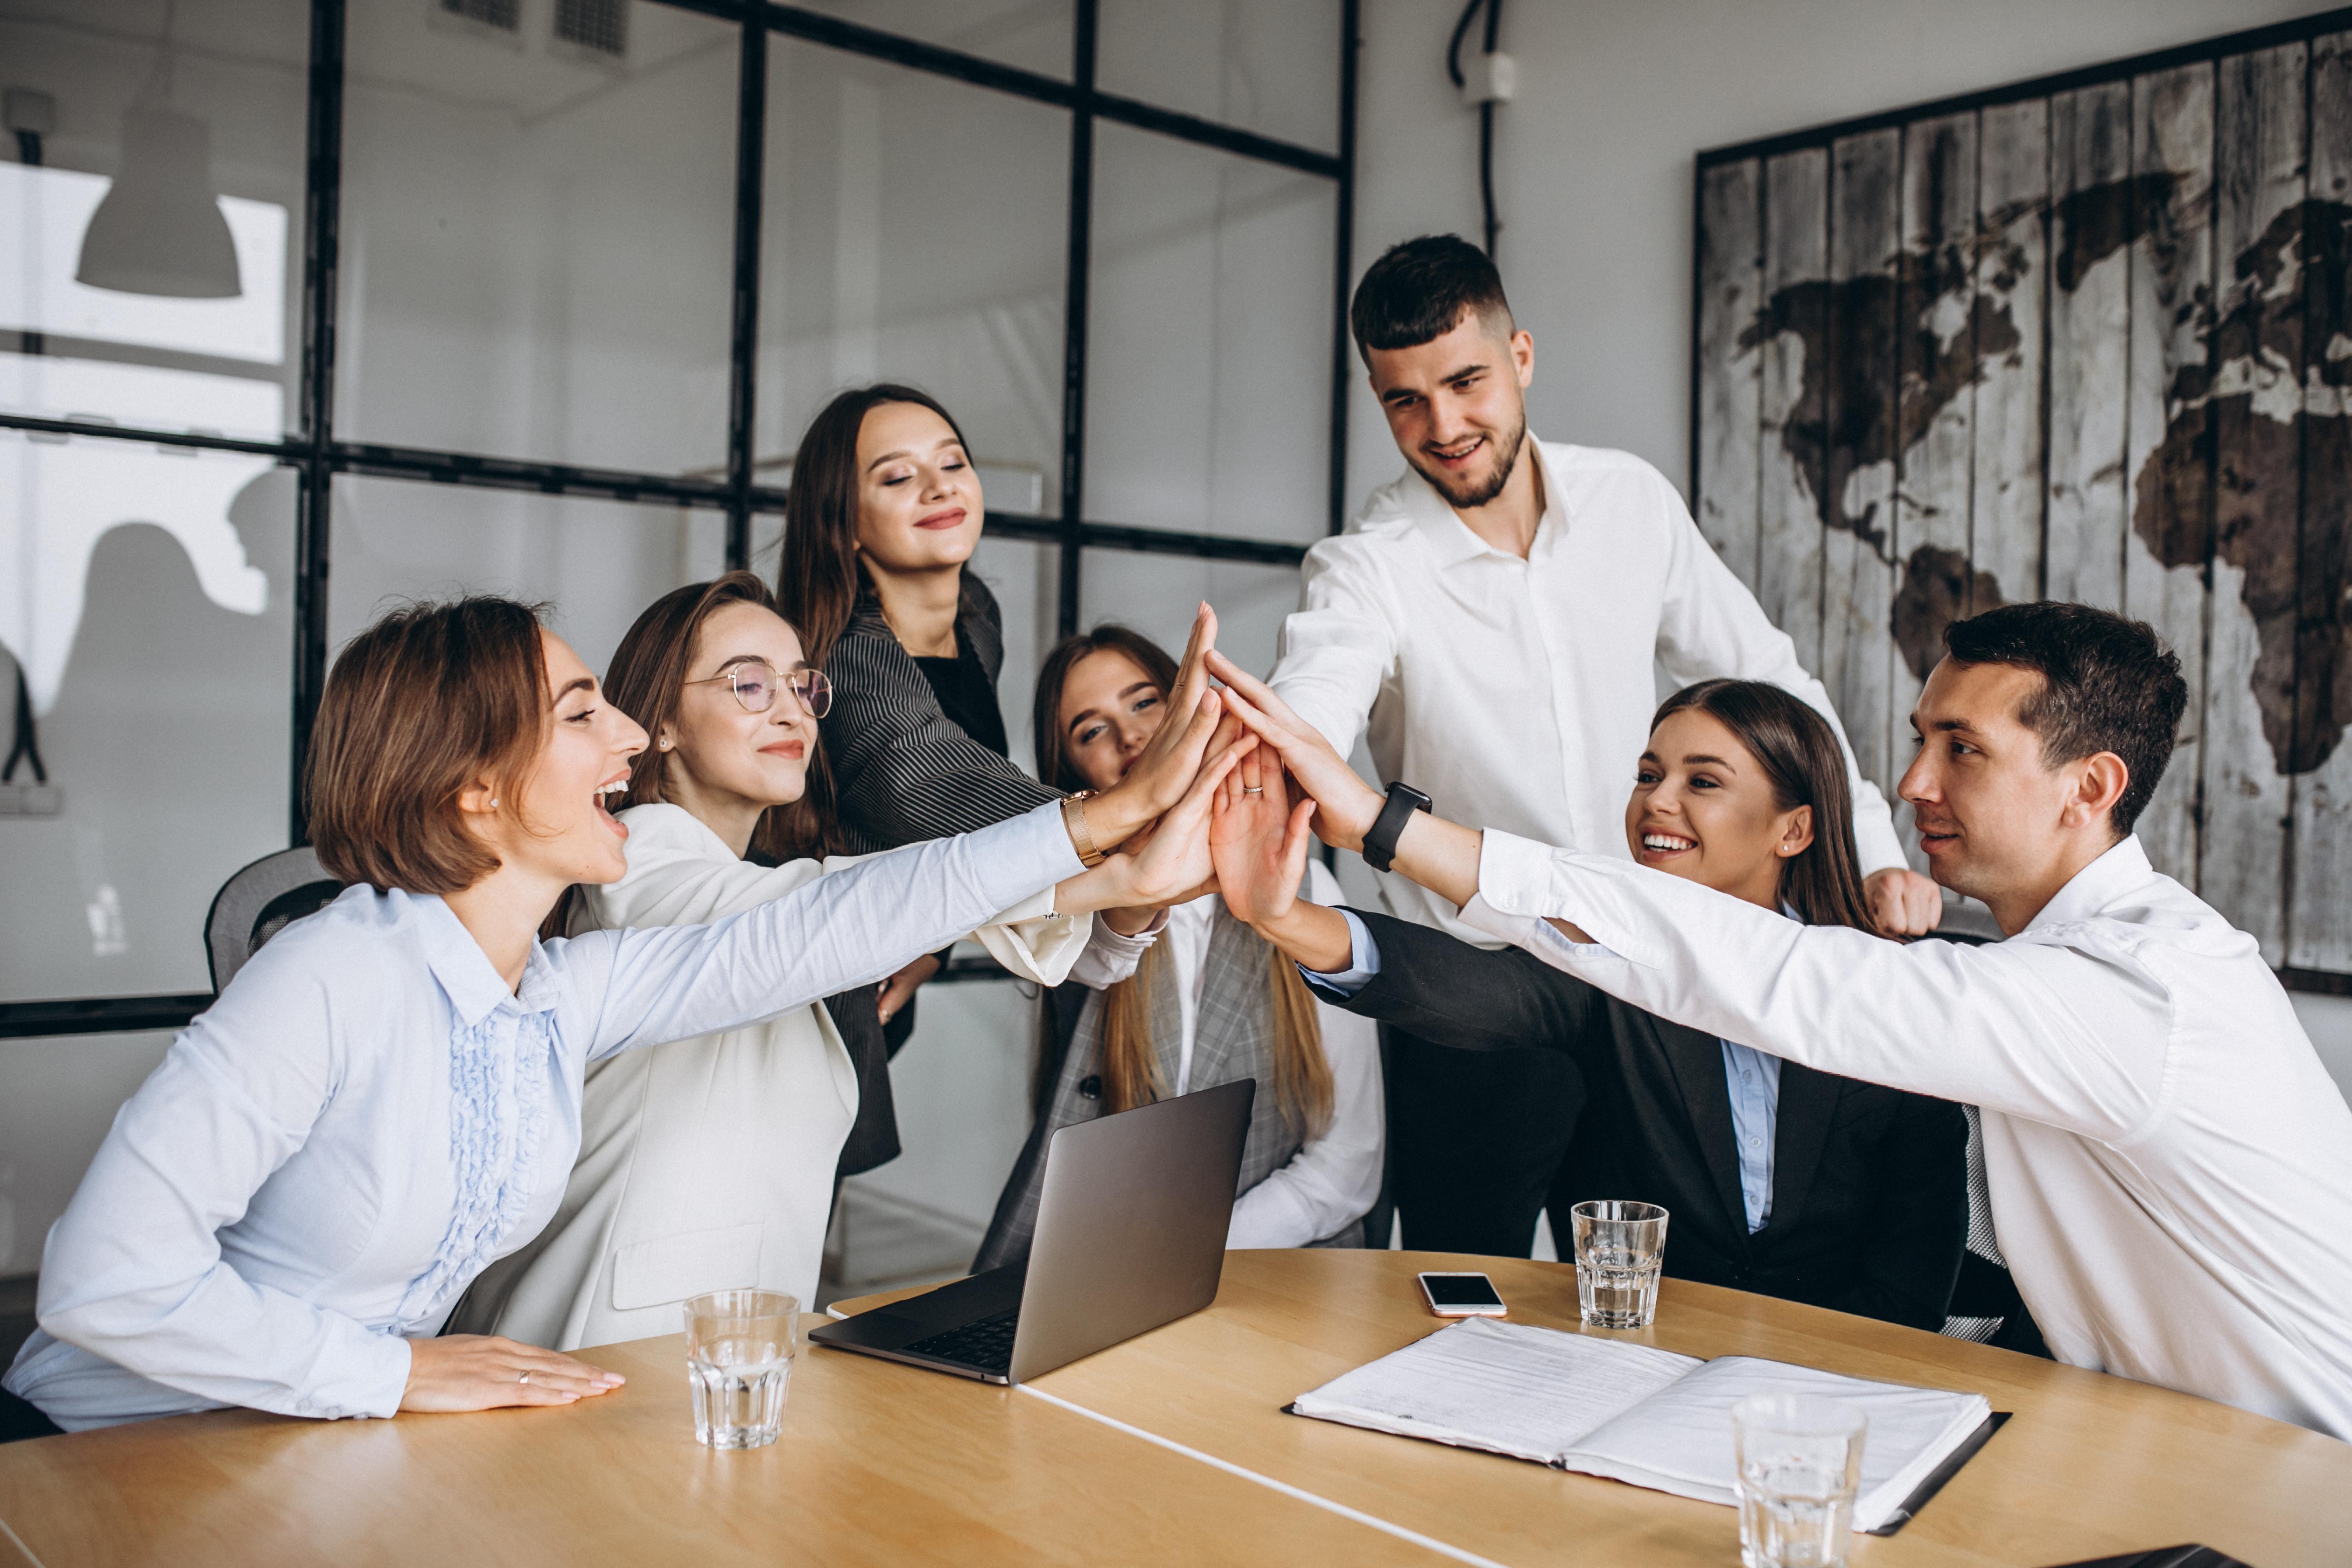 O que é liderança positiva e como usá-la com sucesso